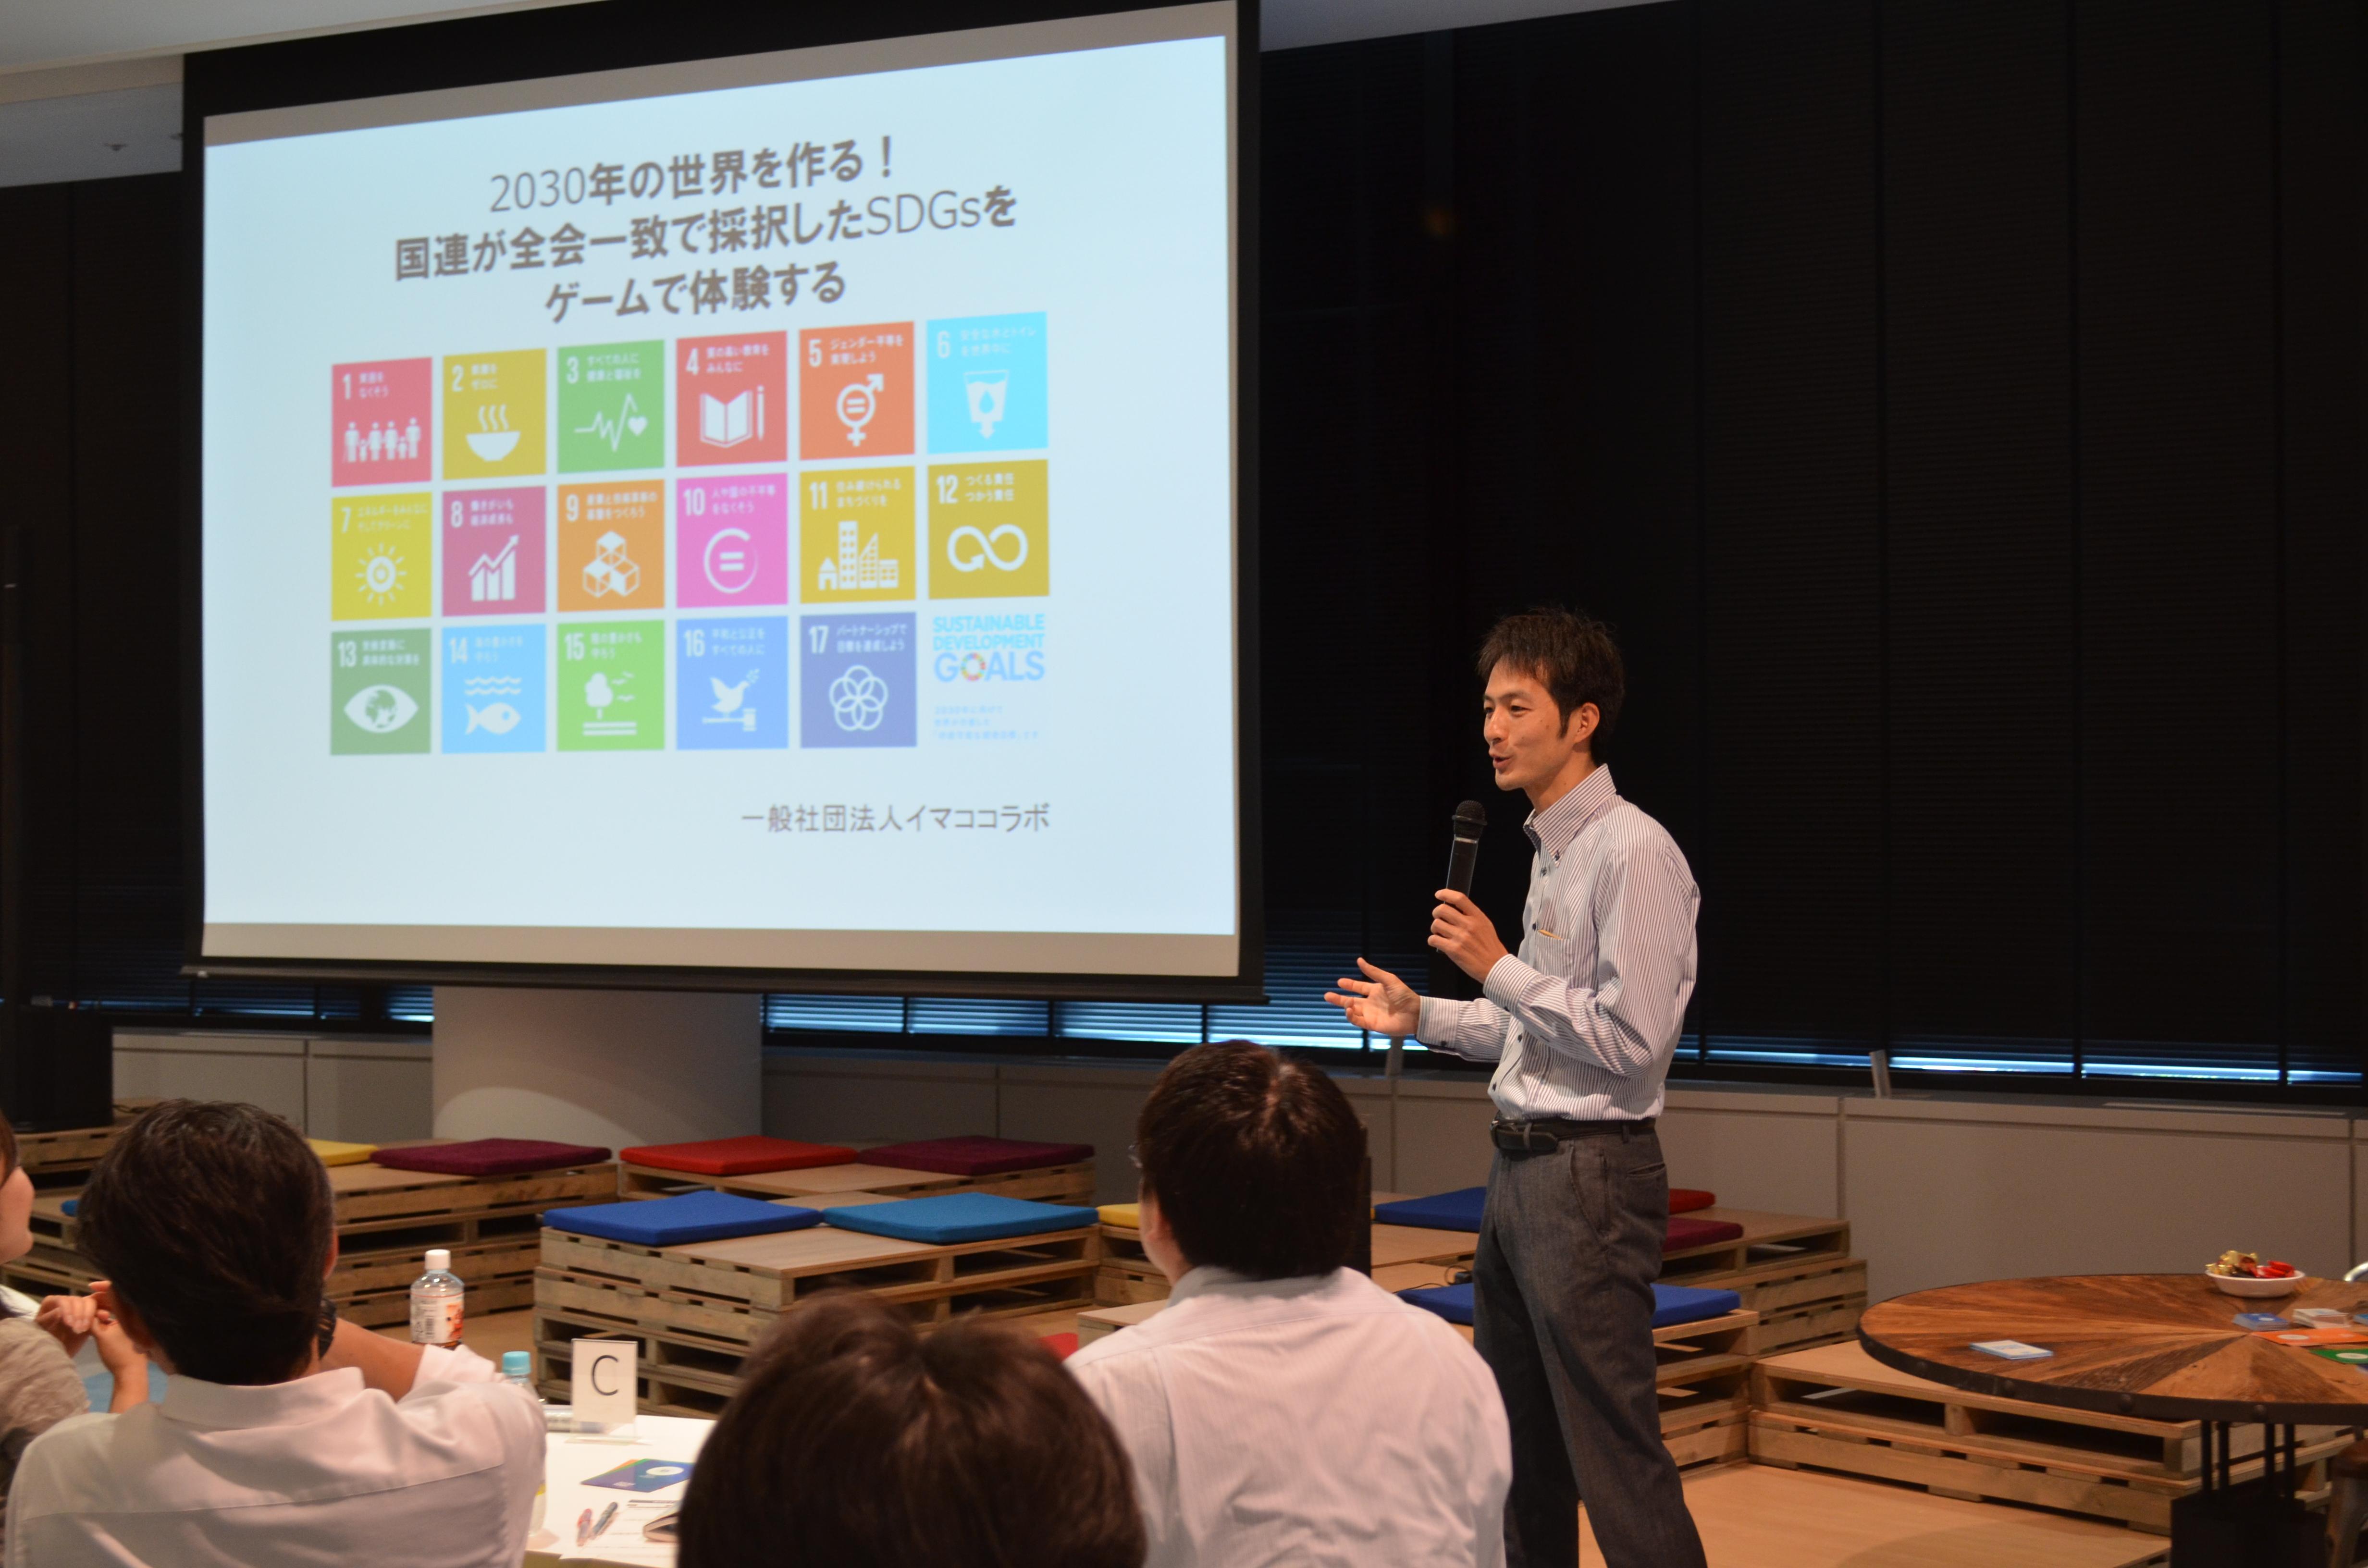 【名古屋開催】ゲームで体験! ~SDGsの本質を理解し、身近に感じる超入門ワークショップ~